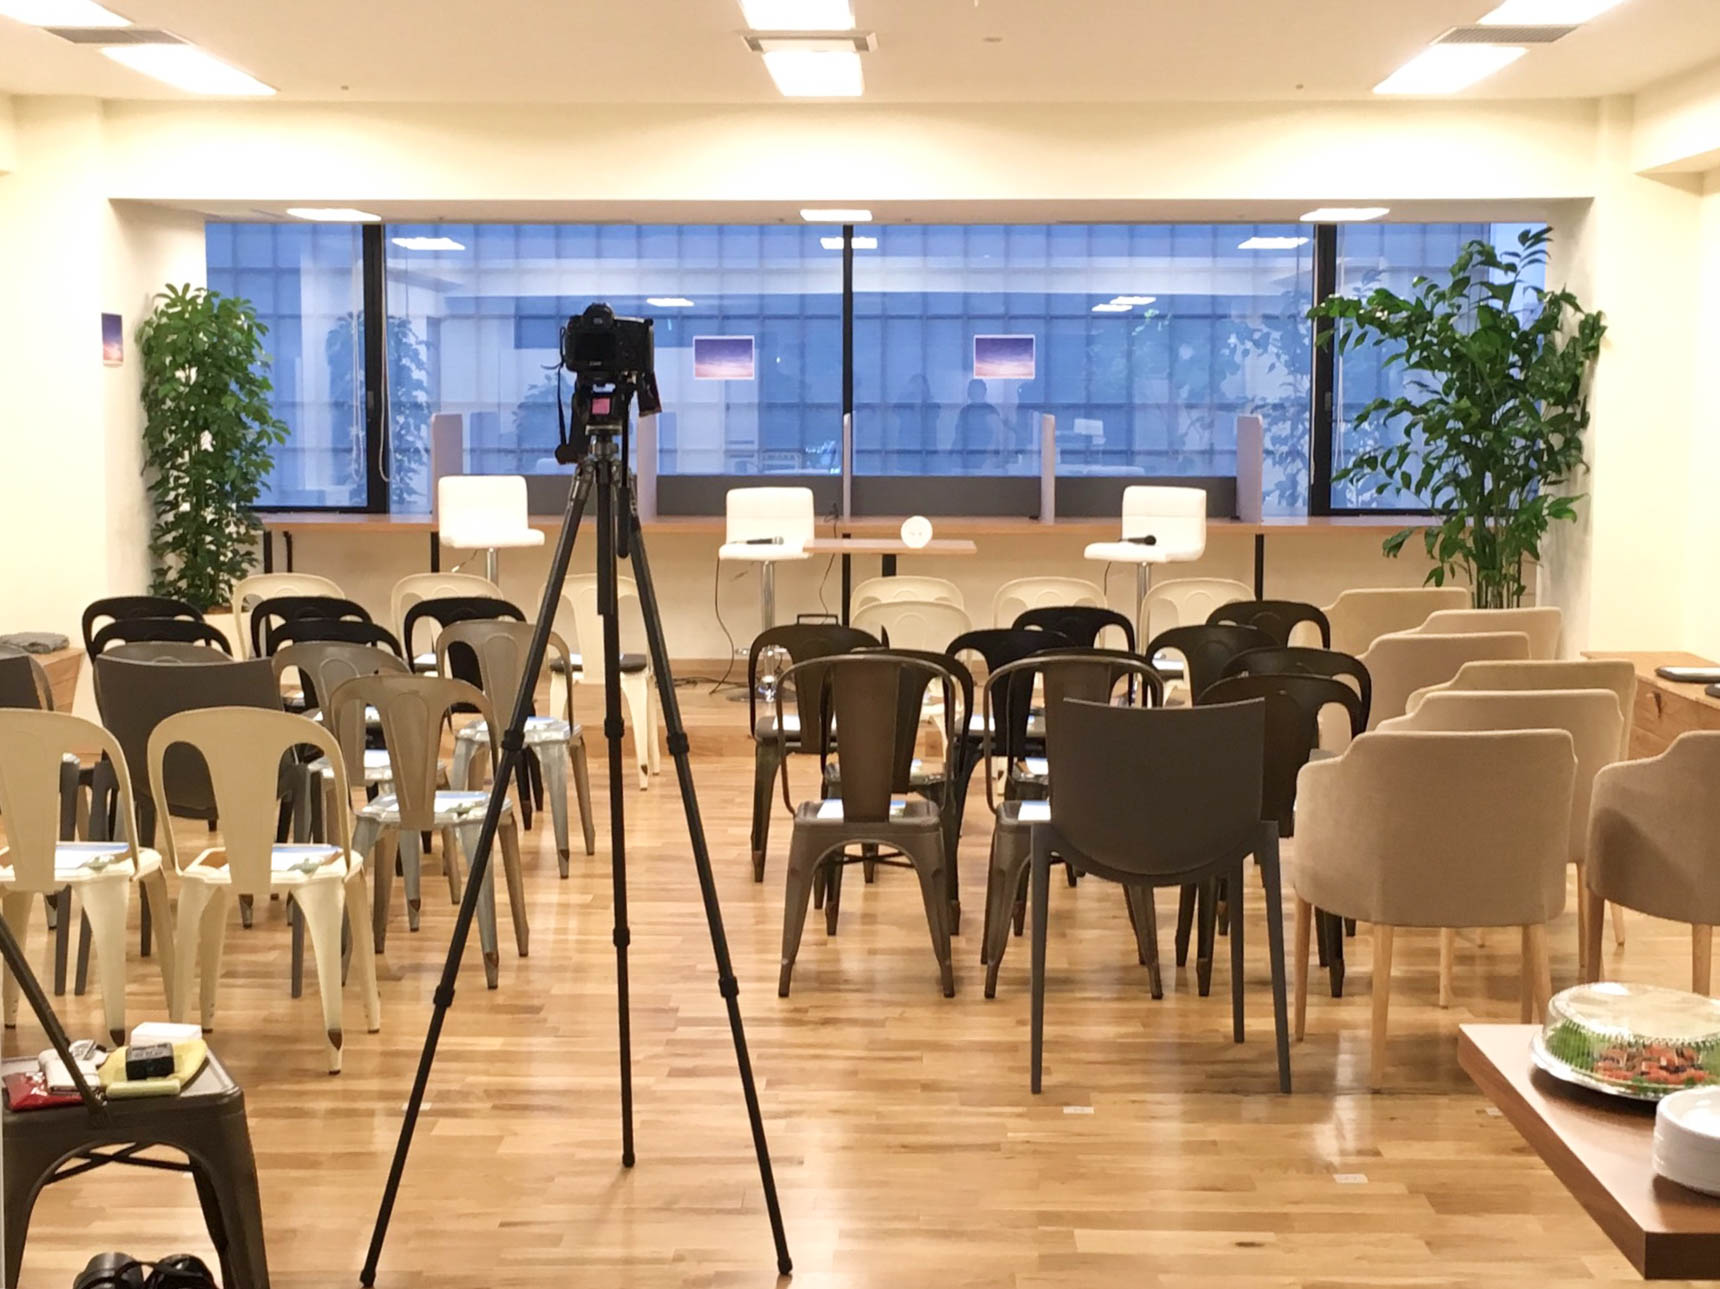 この日は入居企業様主催のイベントが開催されていました。こんなところからも、新しいビジネスチャンスが生まれていくのかも。